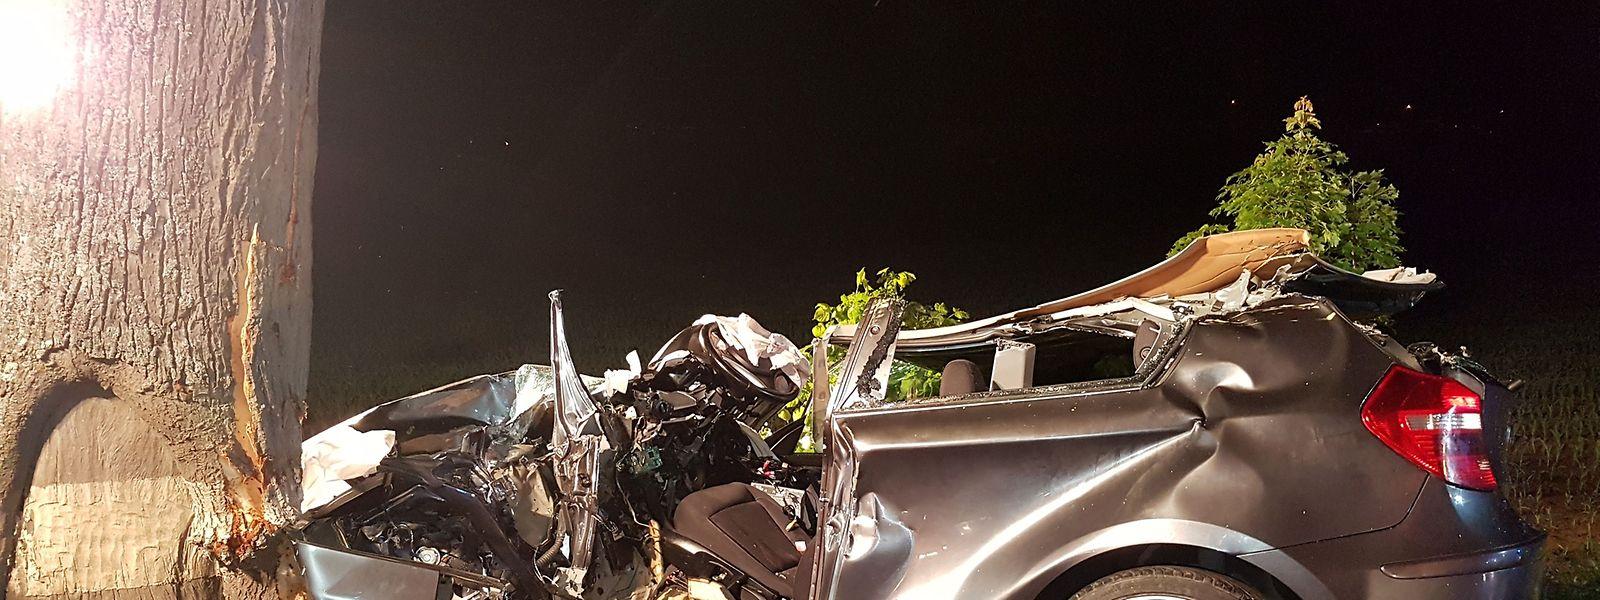 Der Fahrer war im Wagen eingeklemmt.